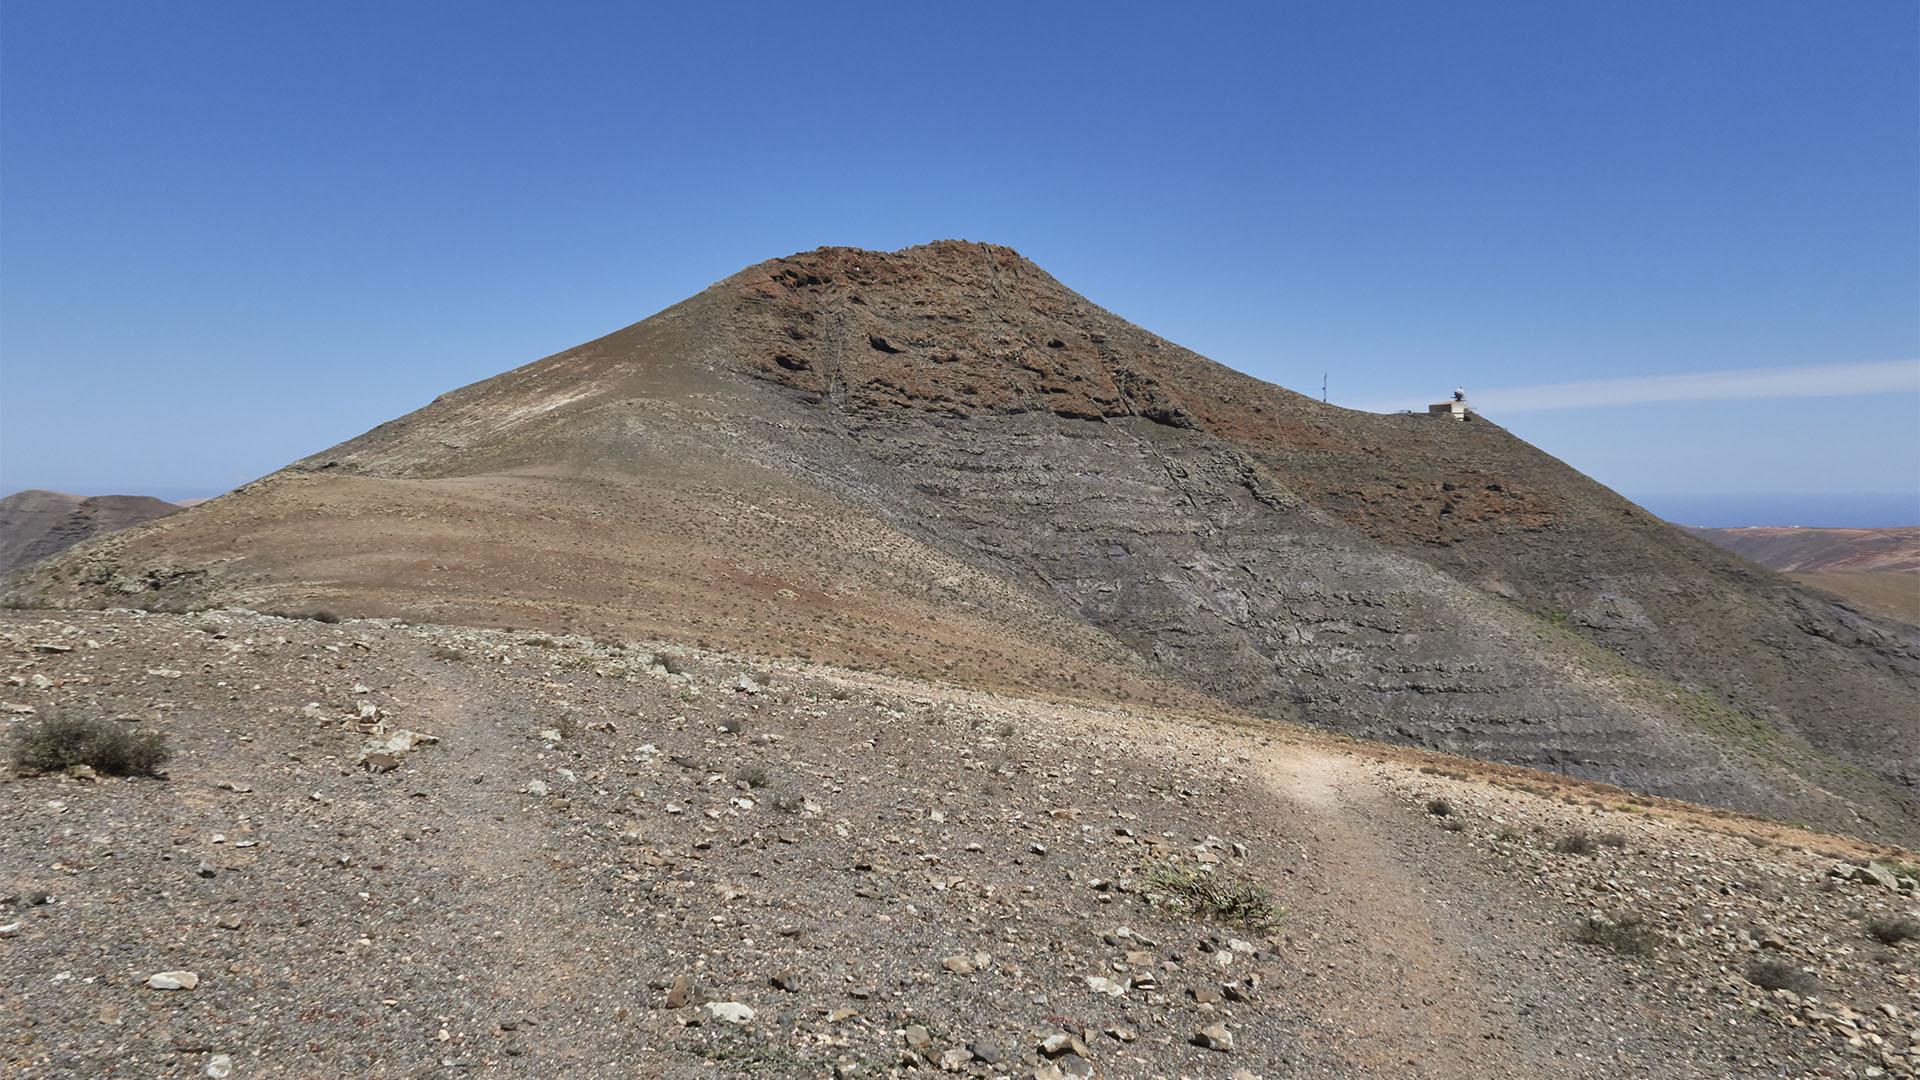 Blick vom Aussichtspunkt 2 auf den Montaña de la Muda.